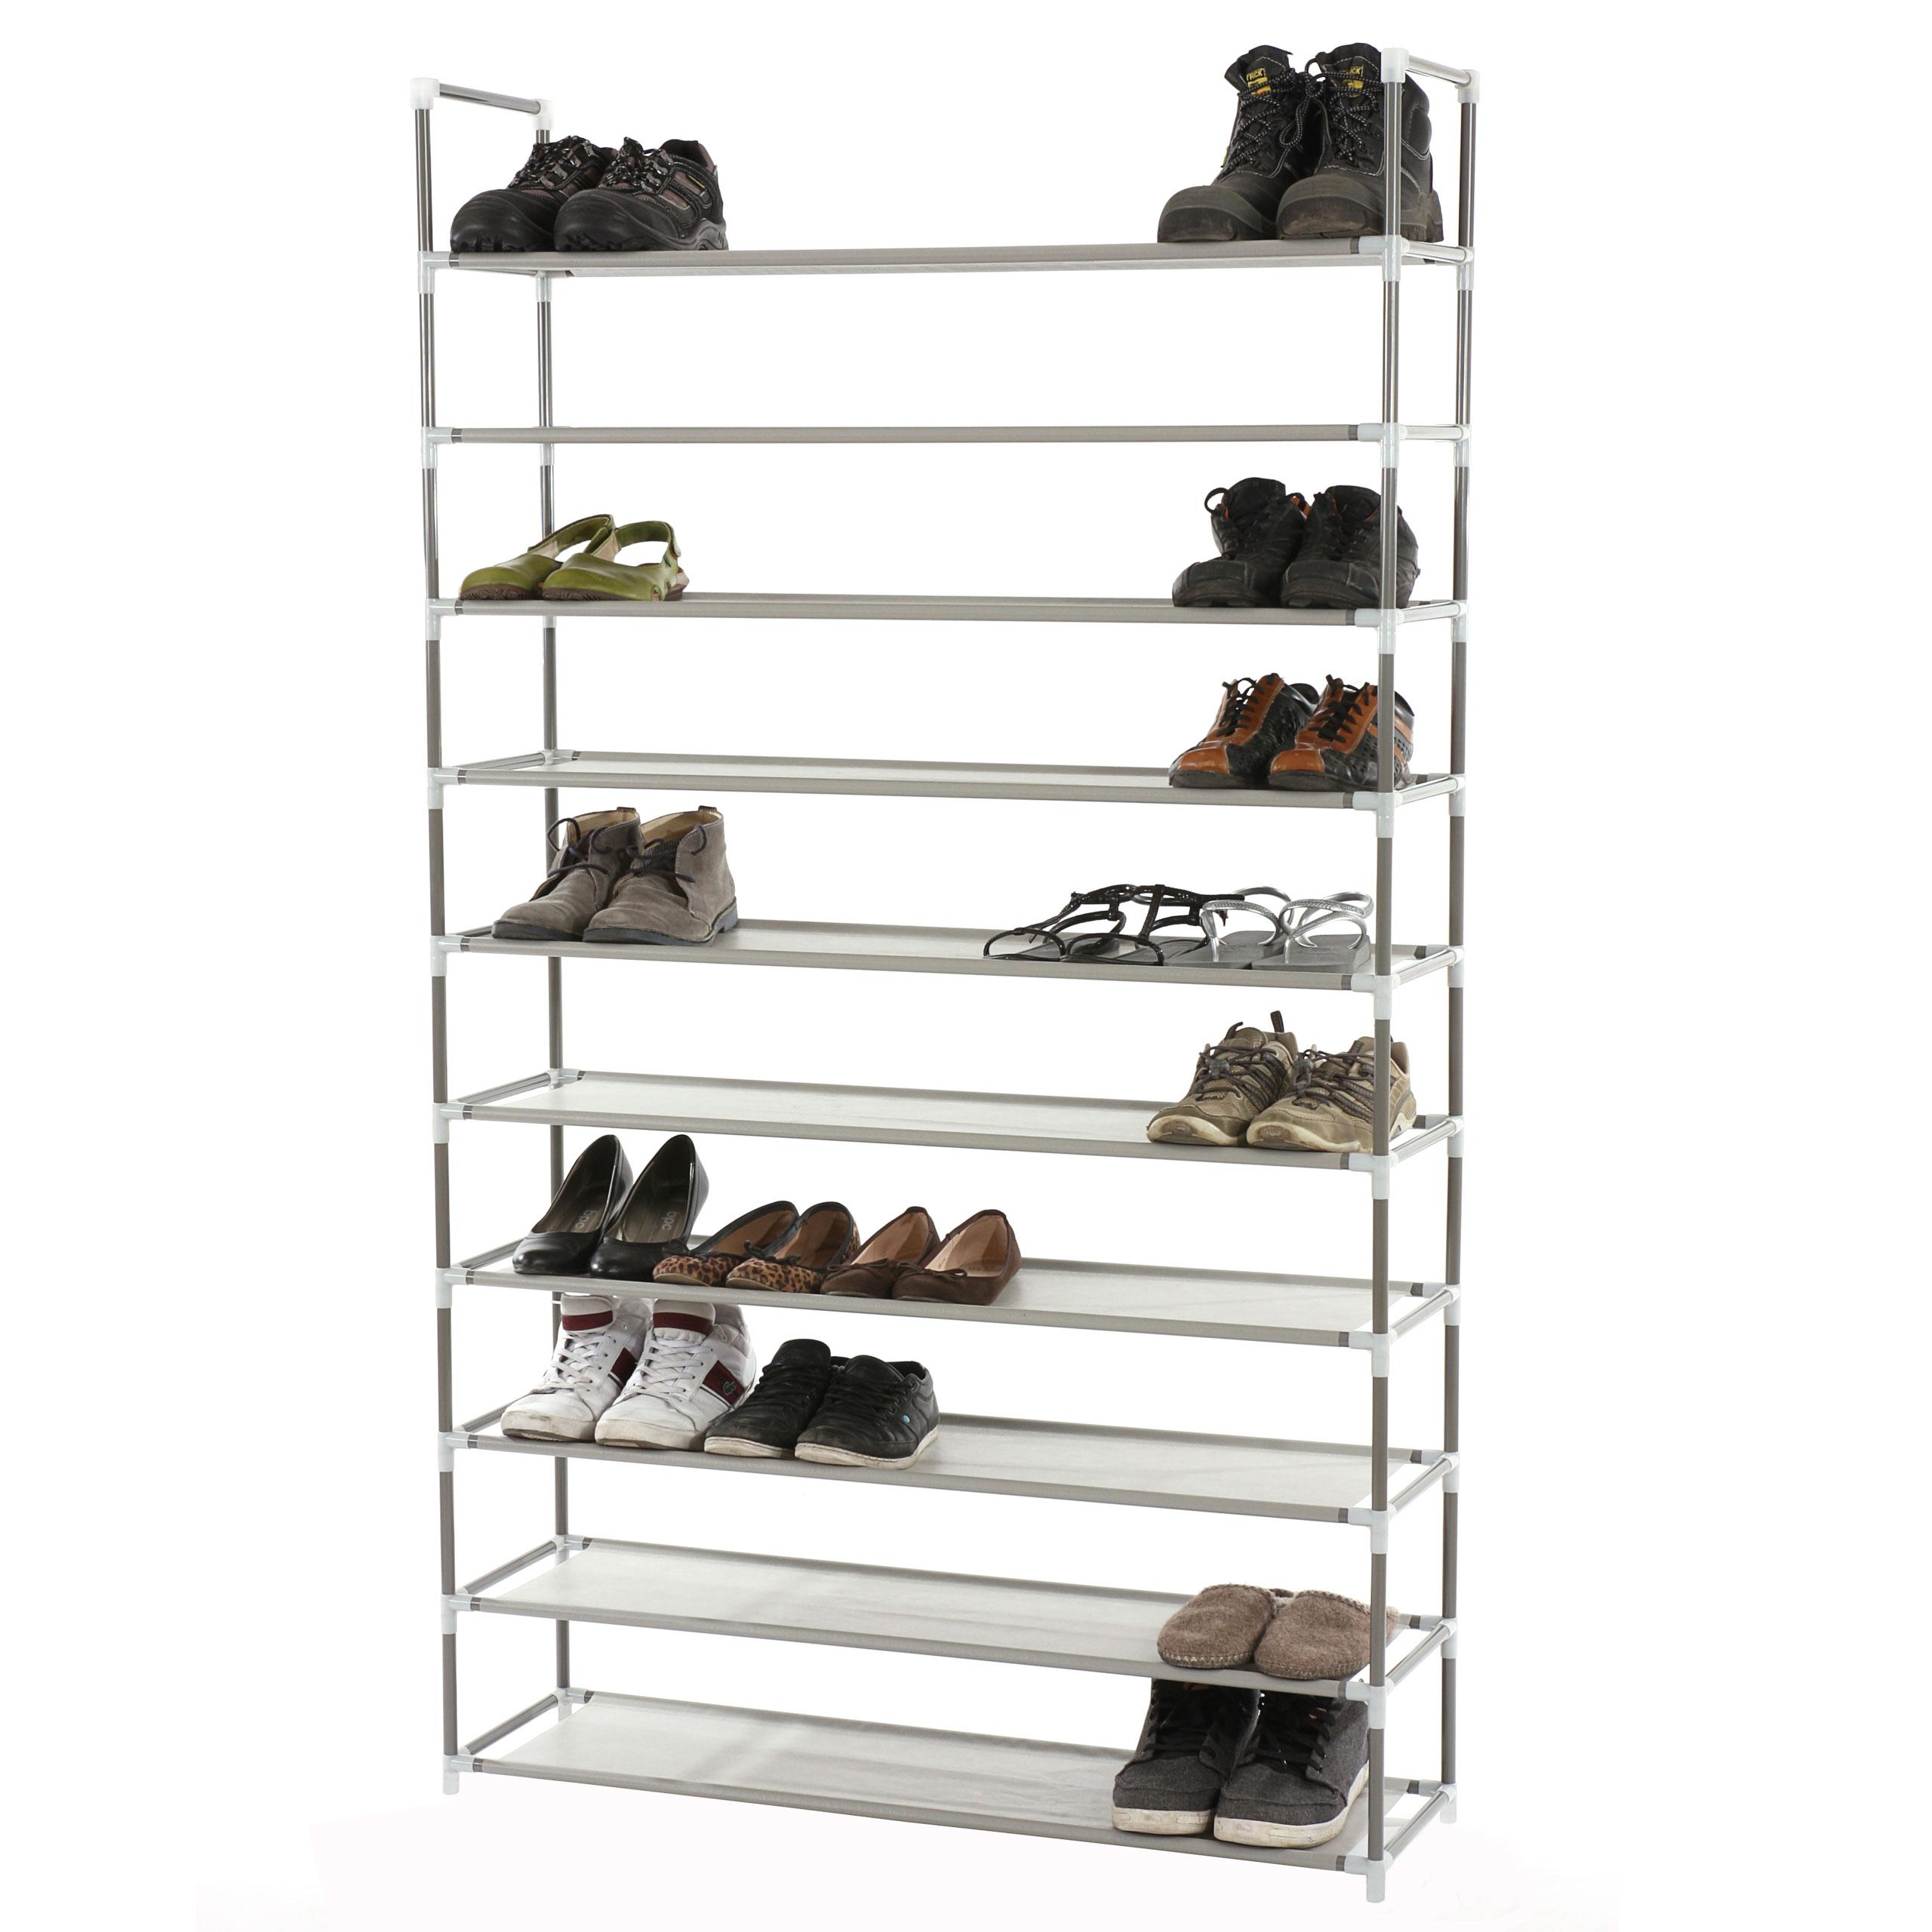 Schuhregal 50 Paar Schuhe.Schuhregal Schuhablage Schuhständer 10 Ebenen Für 50 Paar Schuhe